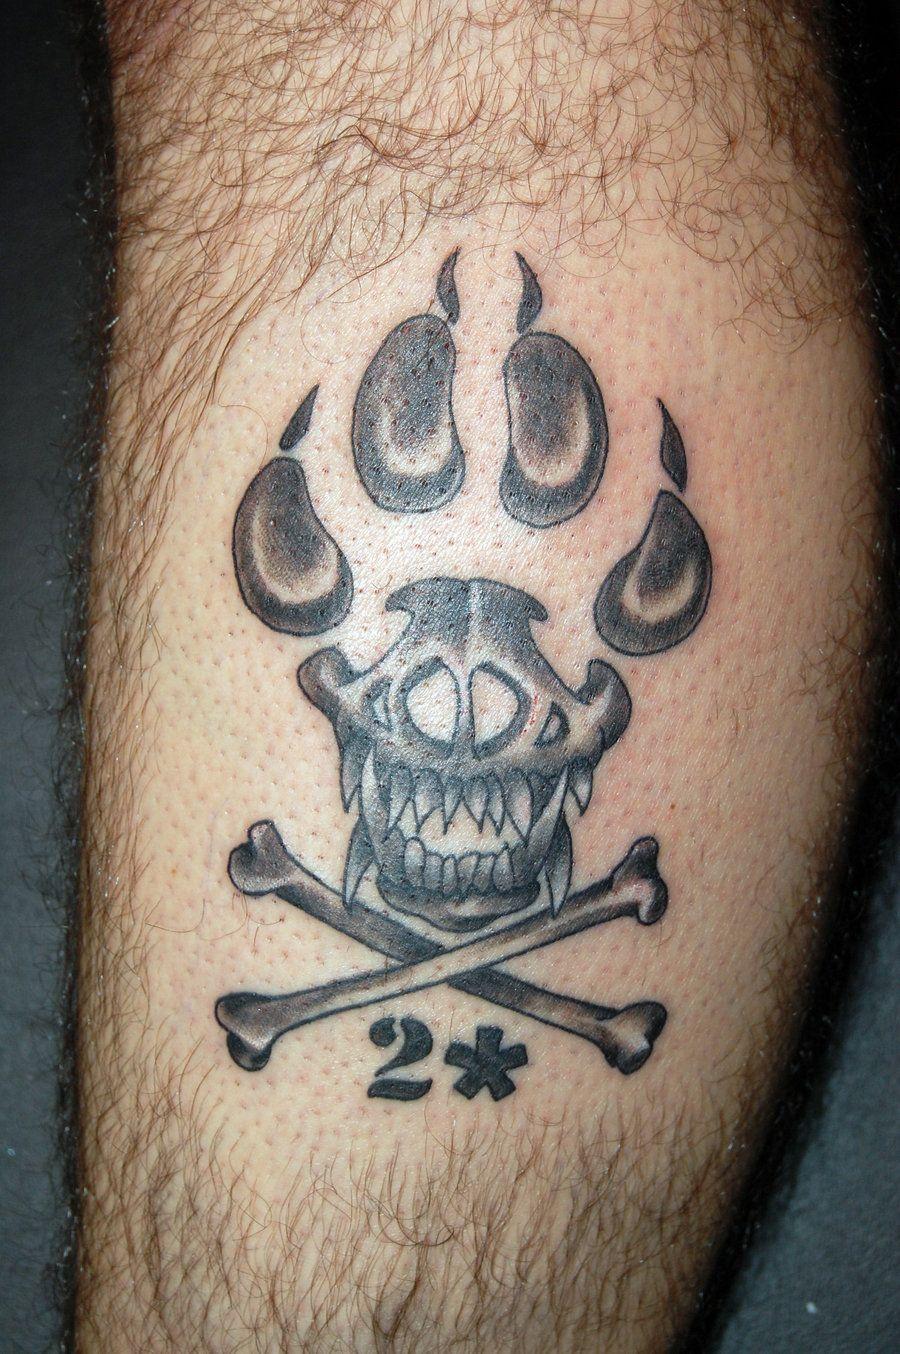 K9 Unit Emblem Tattoo By Tstctc On Deviantart 900x1354 Jpeg Tattoos K9 Unit Skull Tattoo